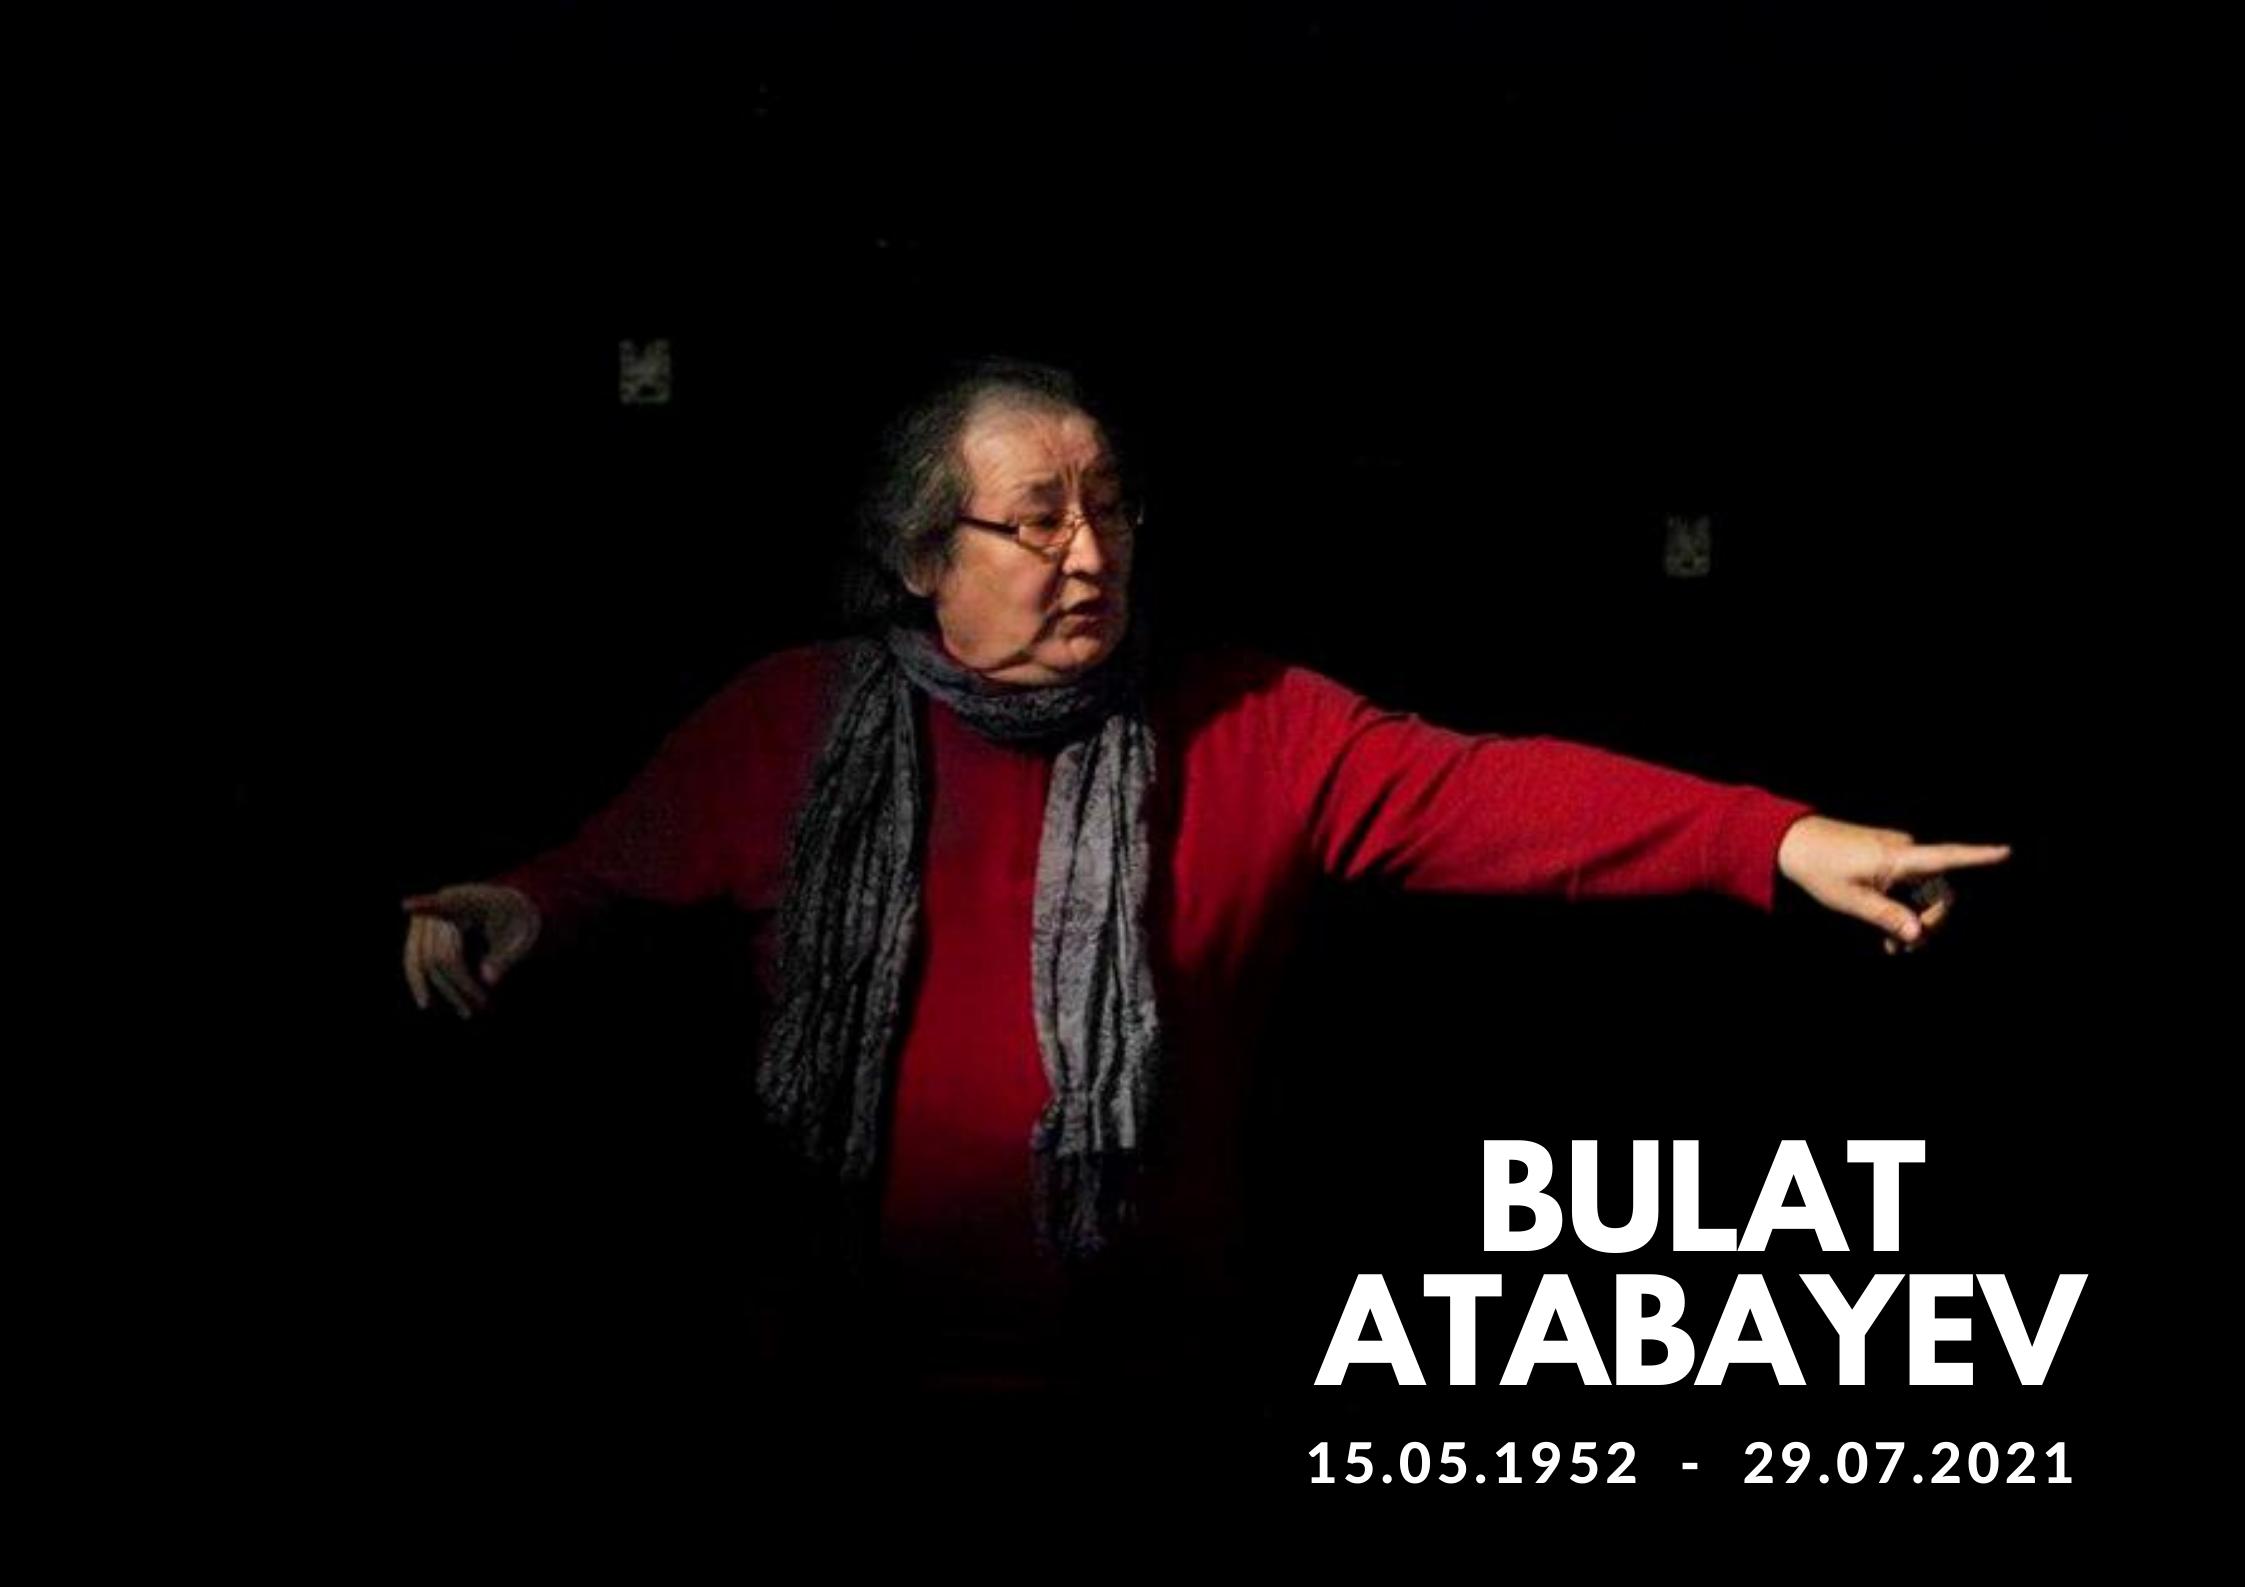 Trauer um Bulat Atabayev